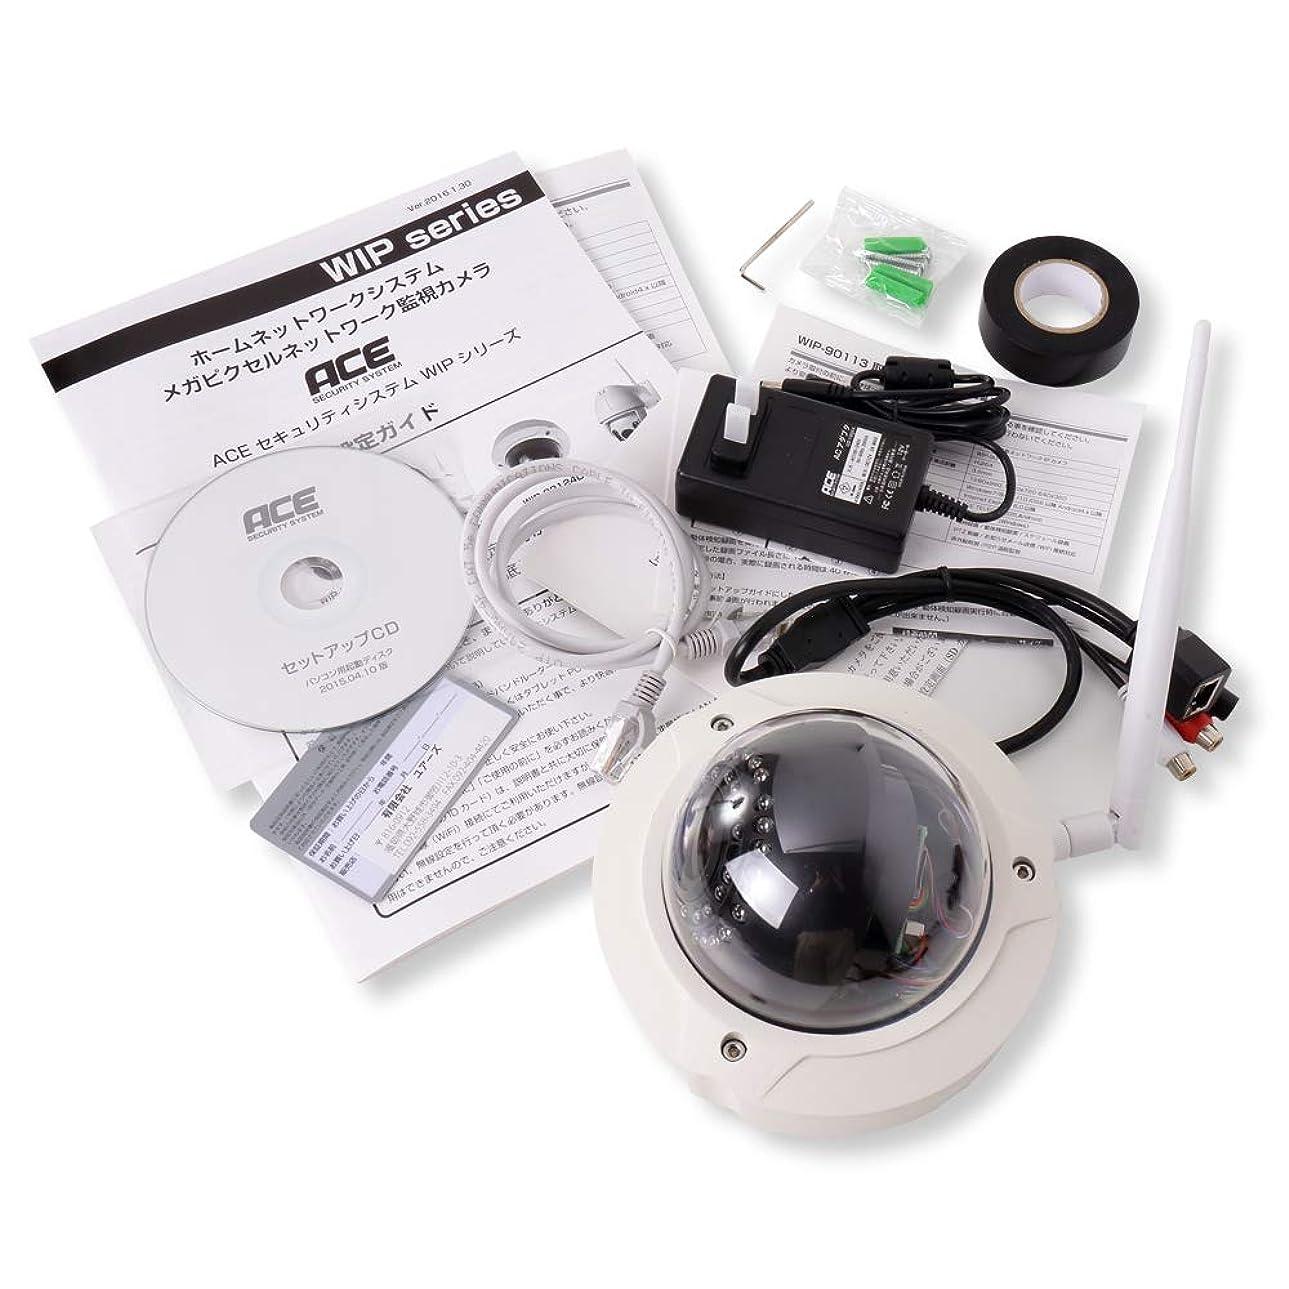 シプリー競合他社選手マザーランドACE 防犯カメラ 無線対応 130万画素IPカメラ 屋外用 音声 マイク スピーカー内蔵 バリフォーカル ドーム型 ホワイト [microSDカード32GB内蔵]wip-92113d-va32